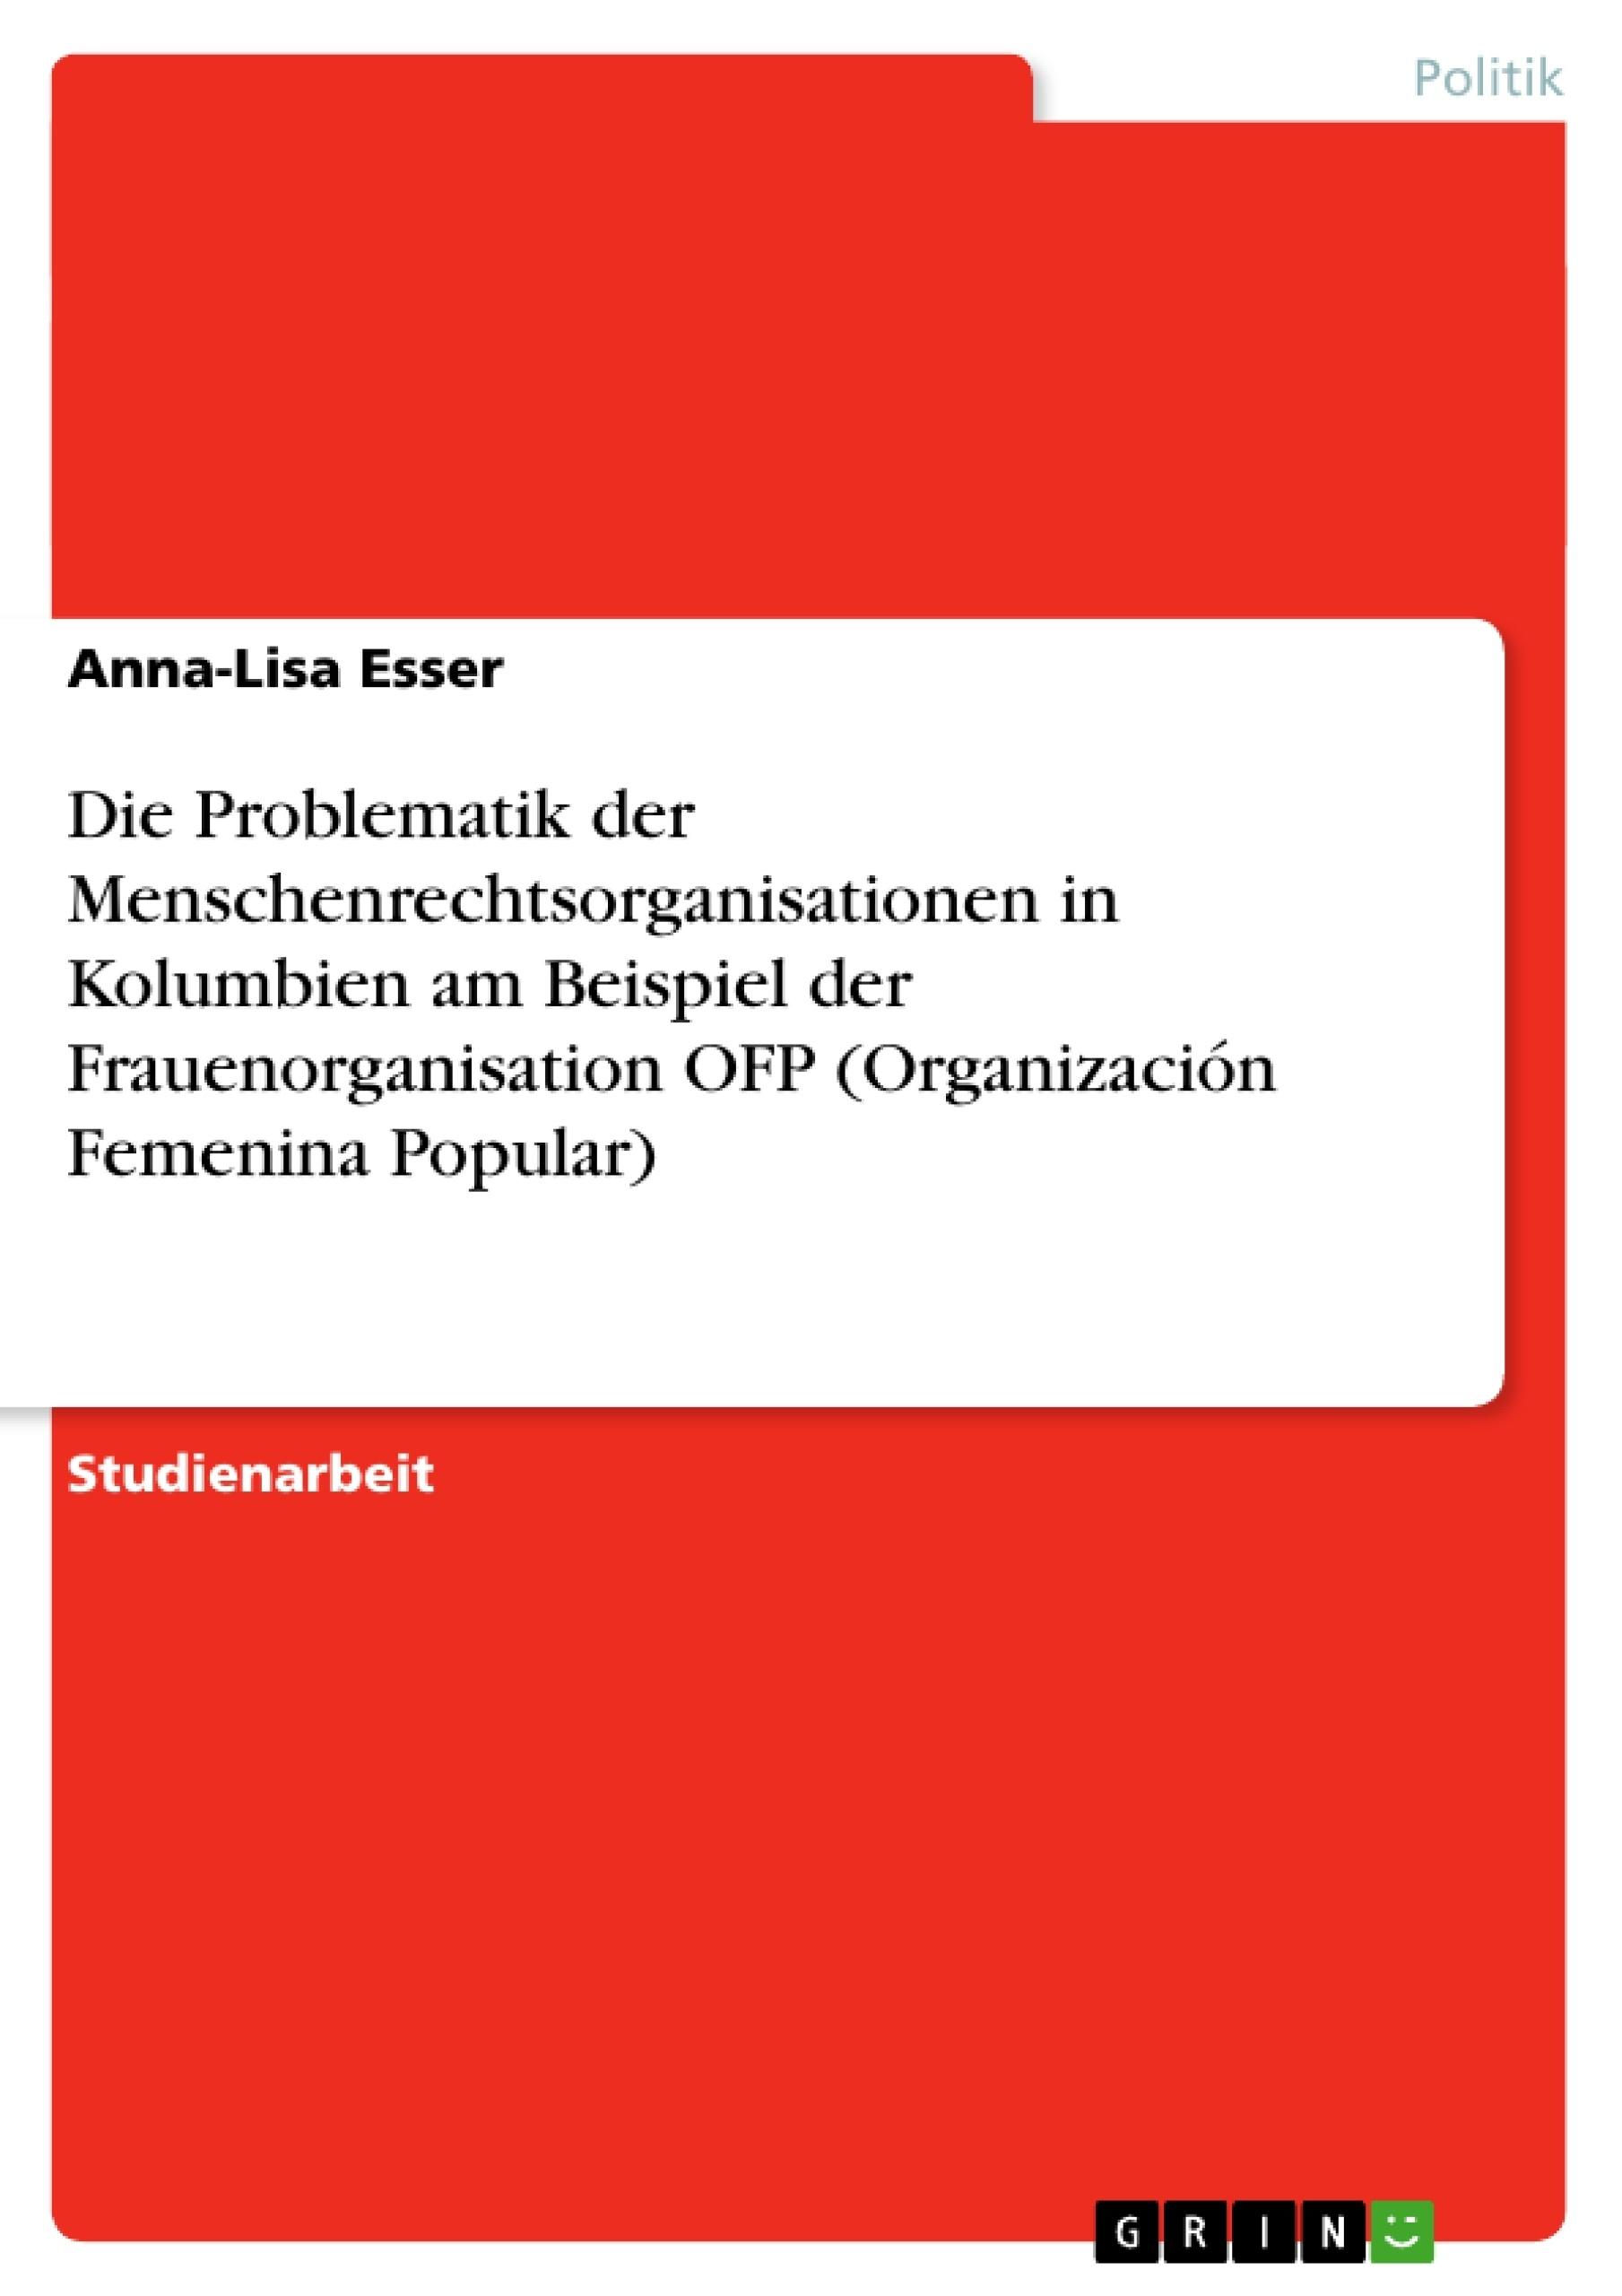 Titel: Die Problematik der Menschenrechtsorganisationen in Kolumbien am Beispiel der Frauenorganisation OFP (Organización Femenina Popular)